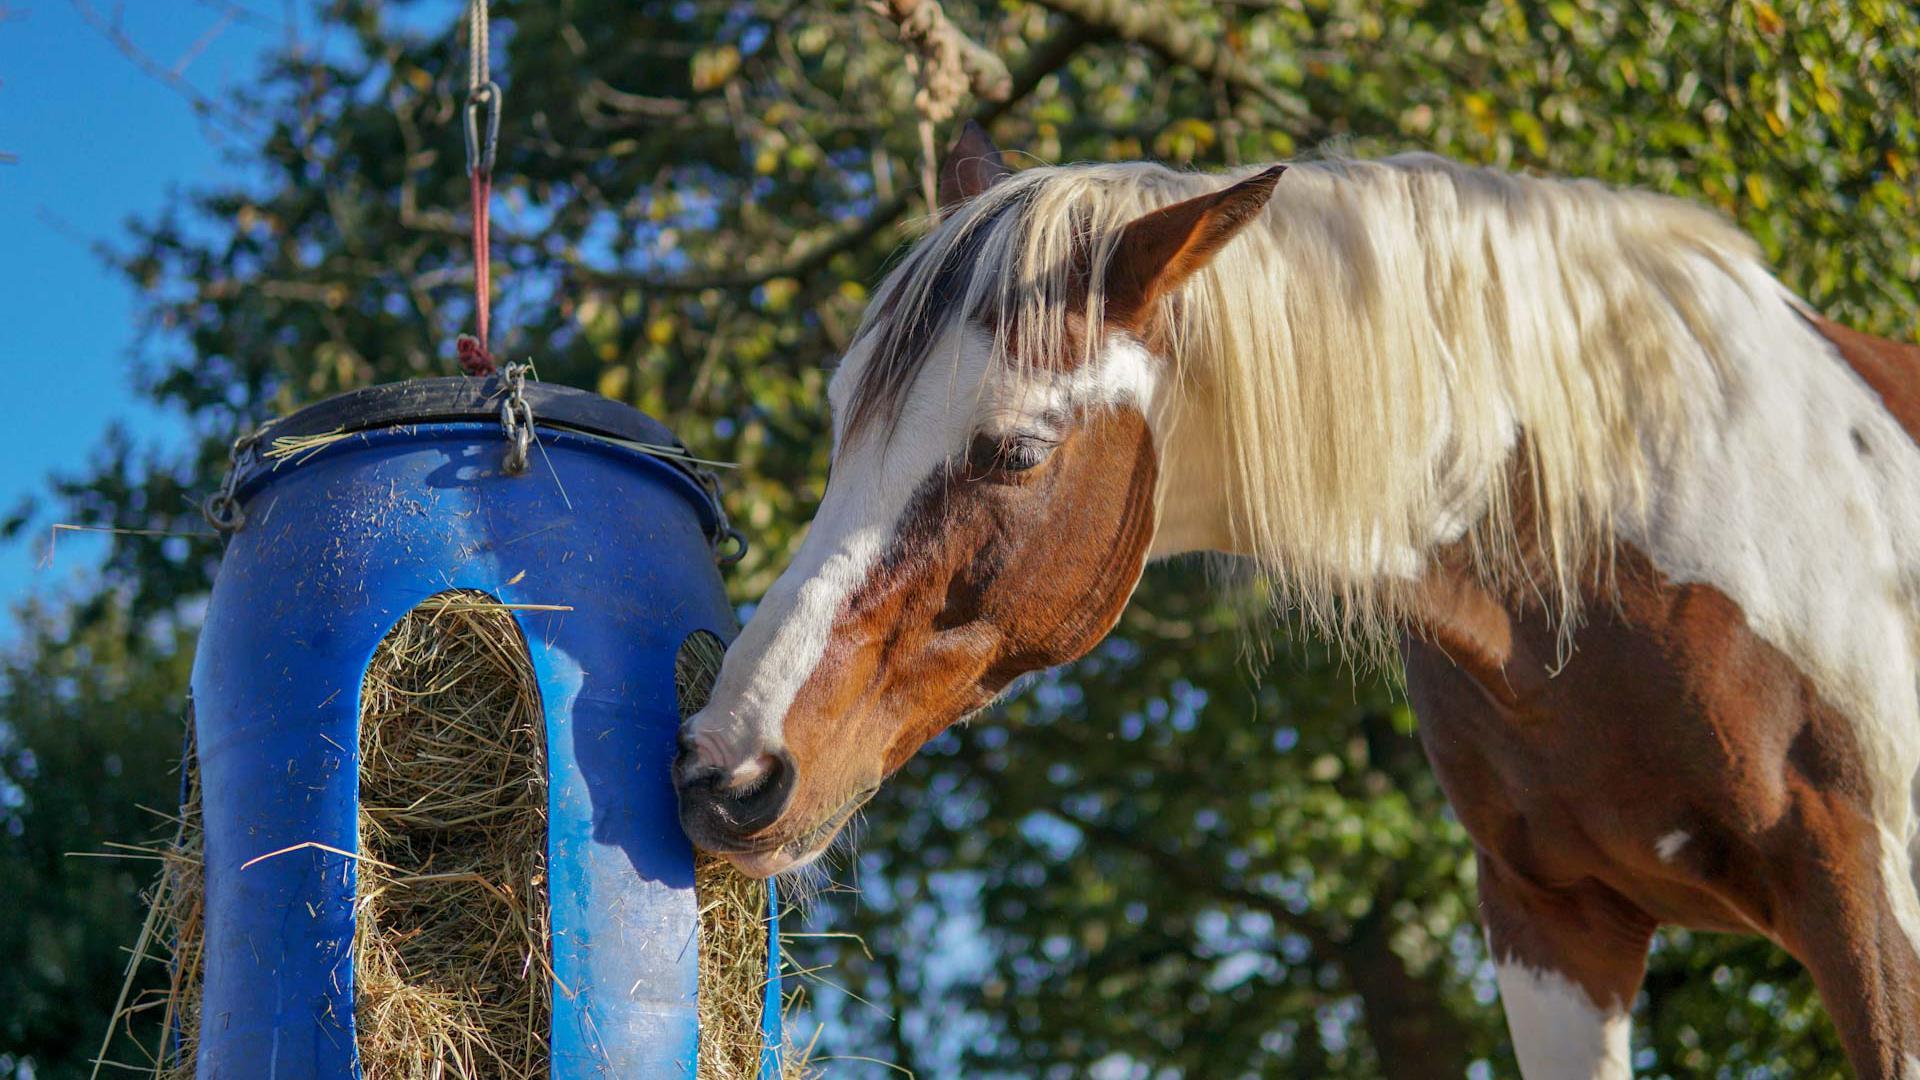 Im Urlaub: Pferde, die normalerweise Reitschüler durch die Halle tragen, haben nun viel Freizeit. Damit sie ihren Job nicht völlig verlernen, werden sie von Reitlehrern geritten.